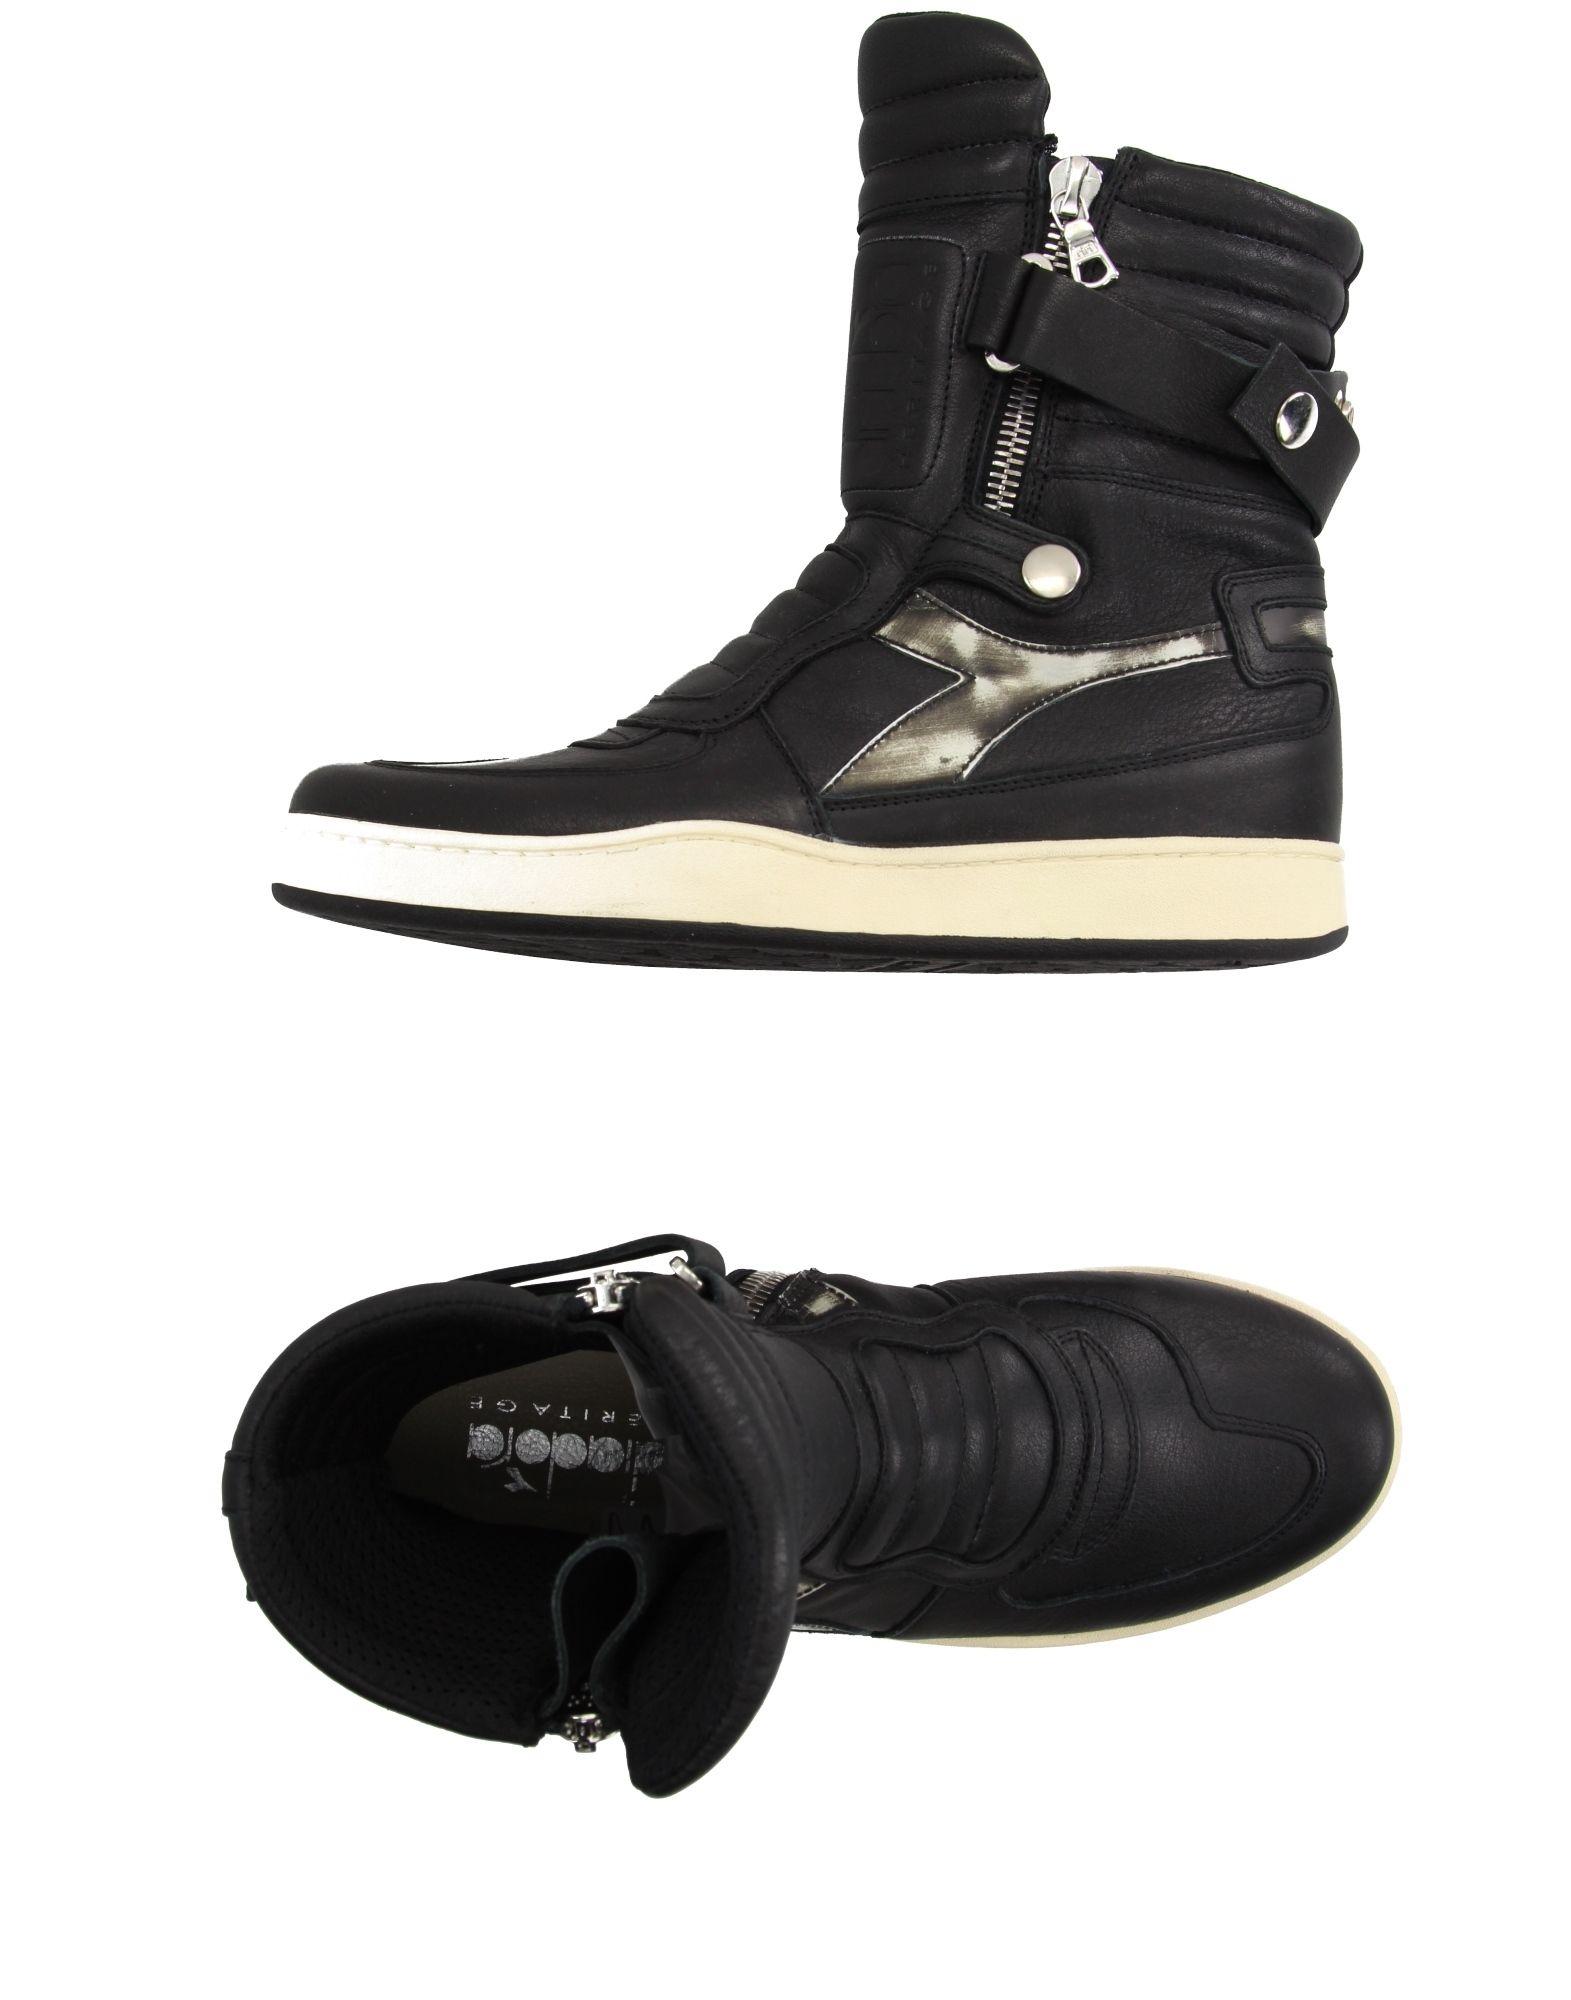 Diadora Heritage Sneakers Herren beliebte  11182251DM Gute Qualität beliebte Herren Schuhe cb9ec5